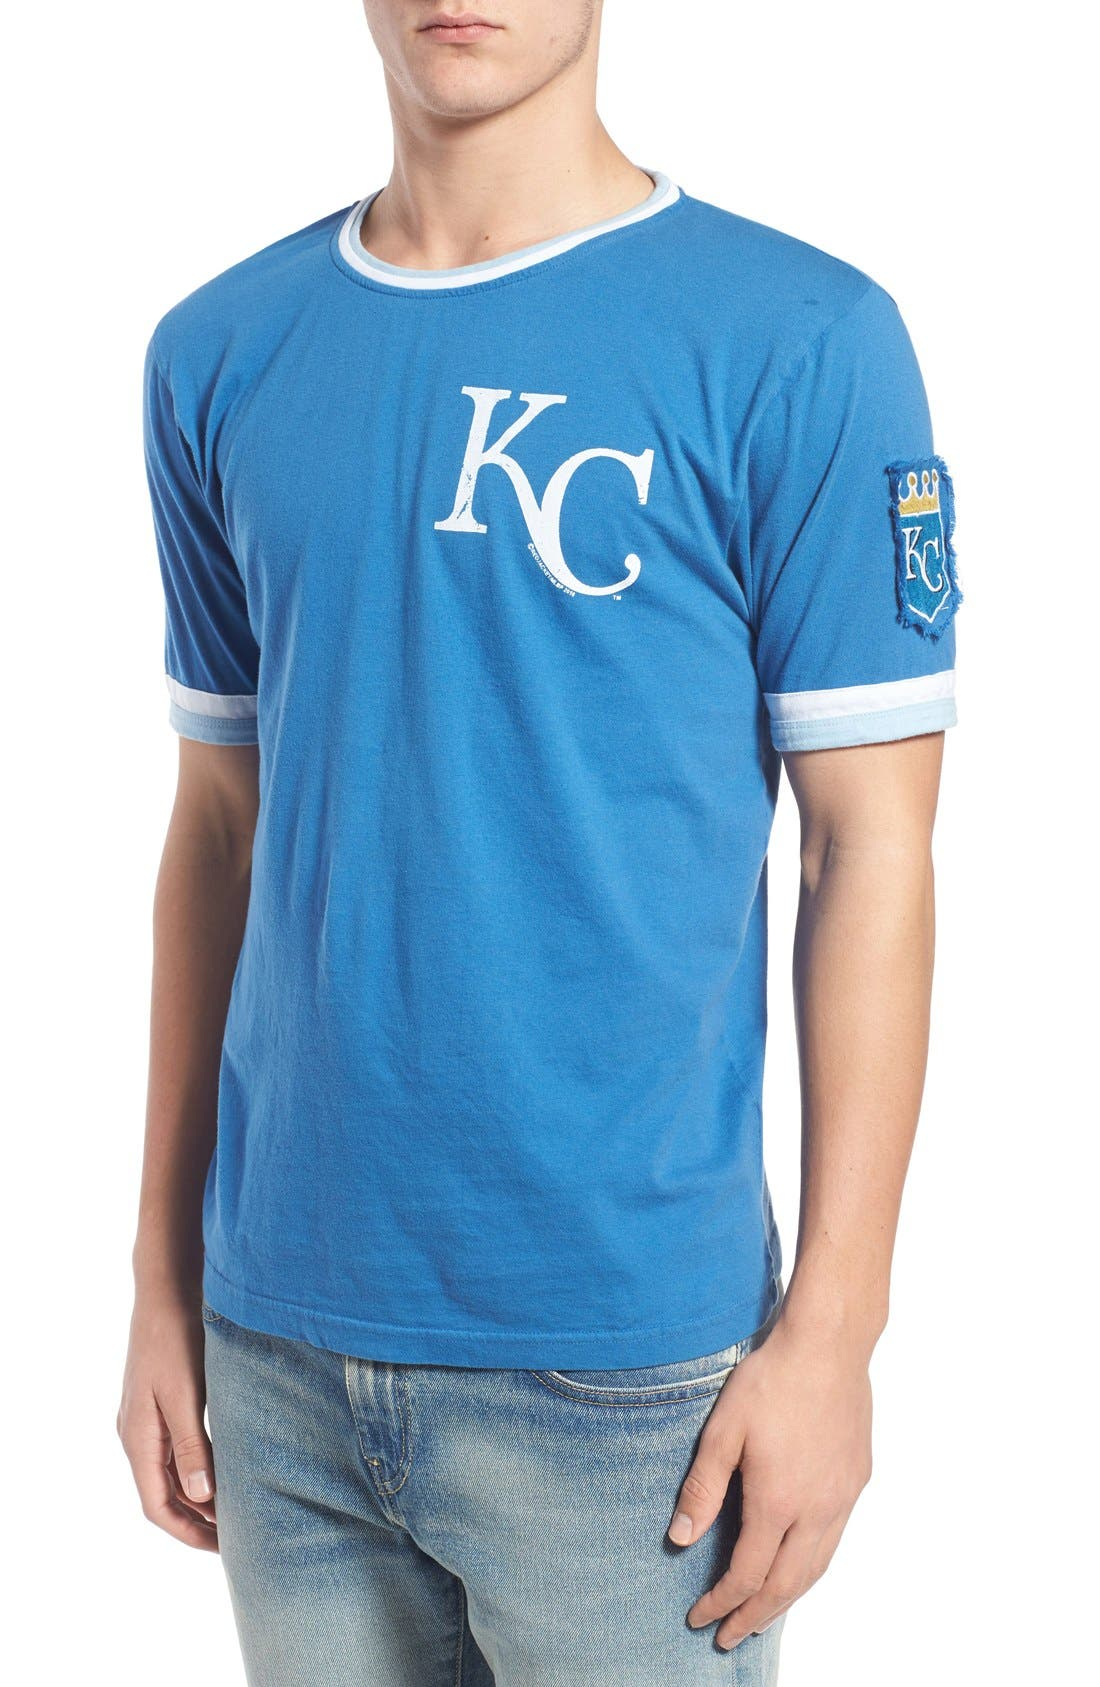 'Kansas City Royals - Remote Control' Trim Fit T-Shirt,                             Main thumbnail 1, color,                             450